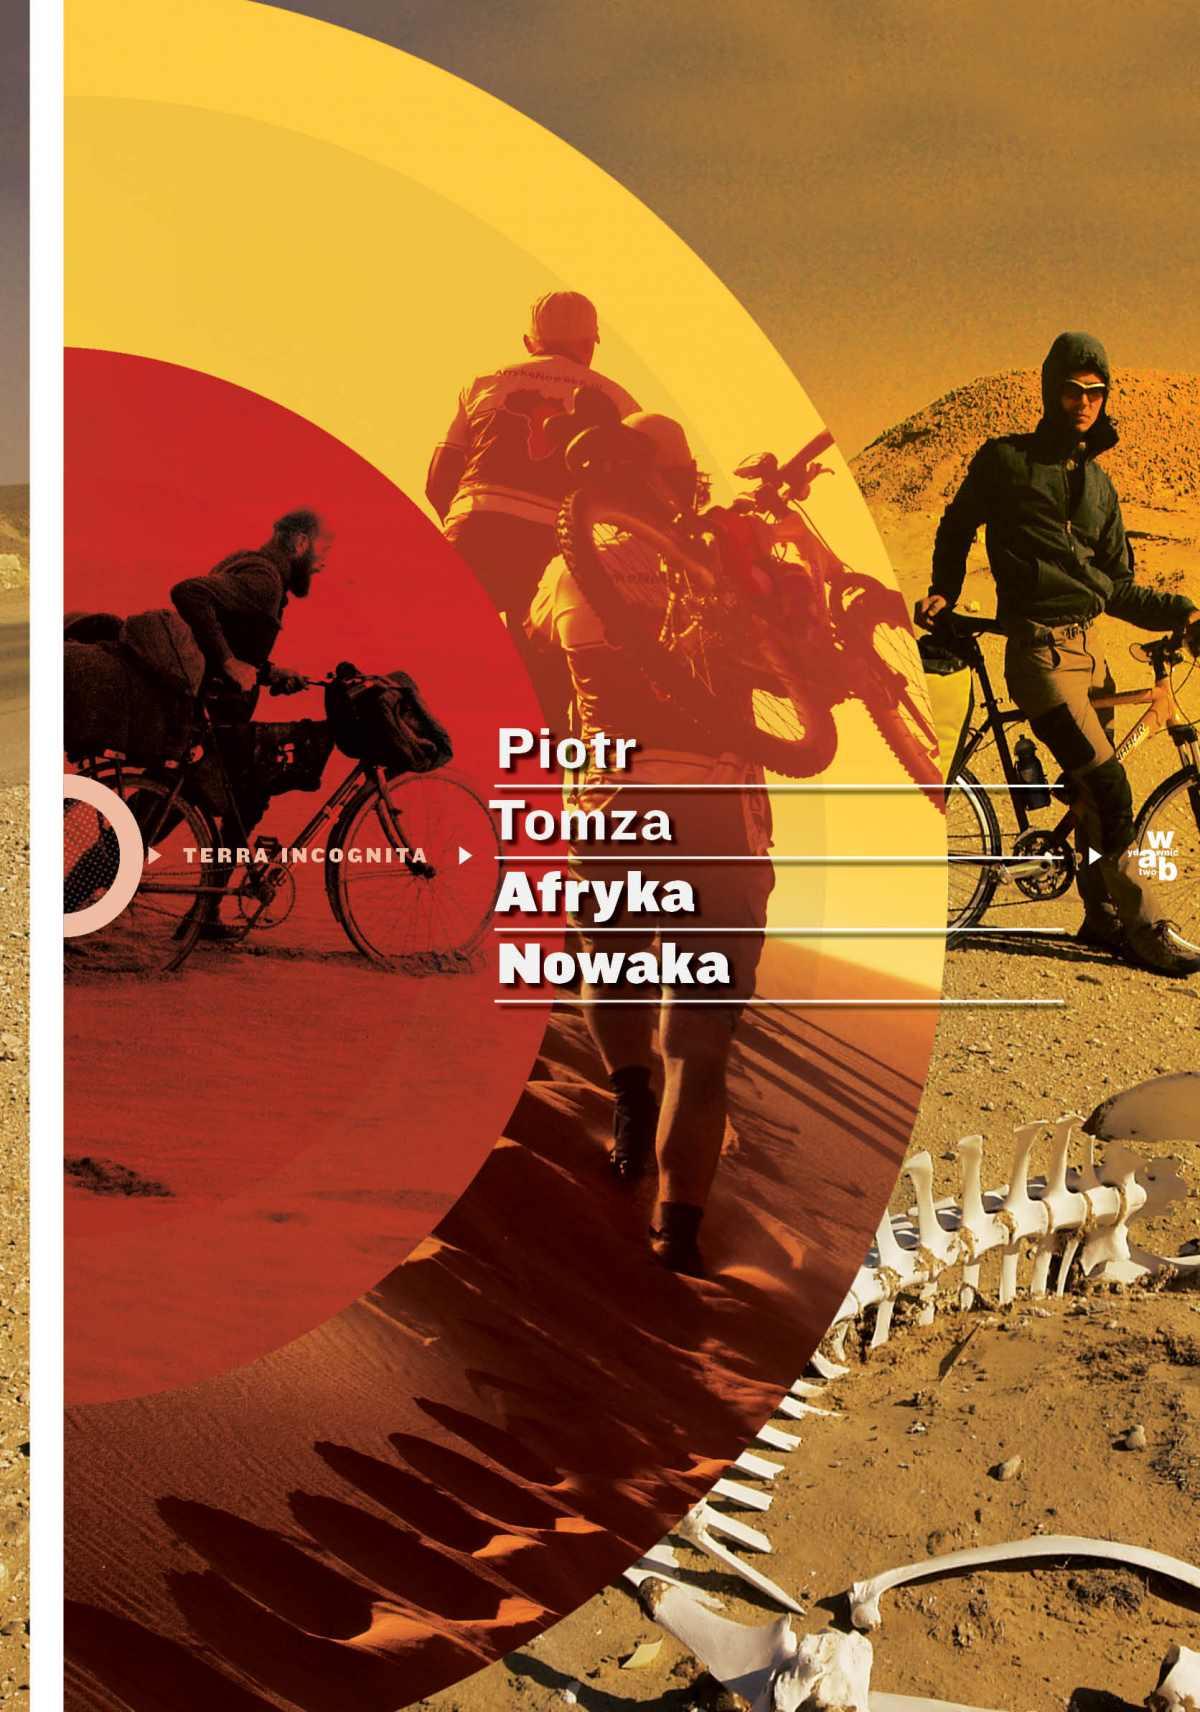 Afryka Nowaka - Tylko w Legimi możesz przeczytać ten tytuł przez 7 dni za darmo. - Piotr Tomza